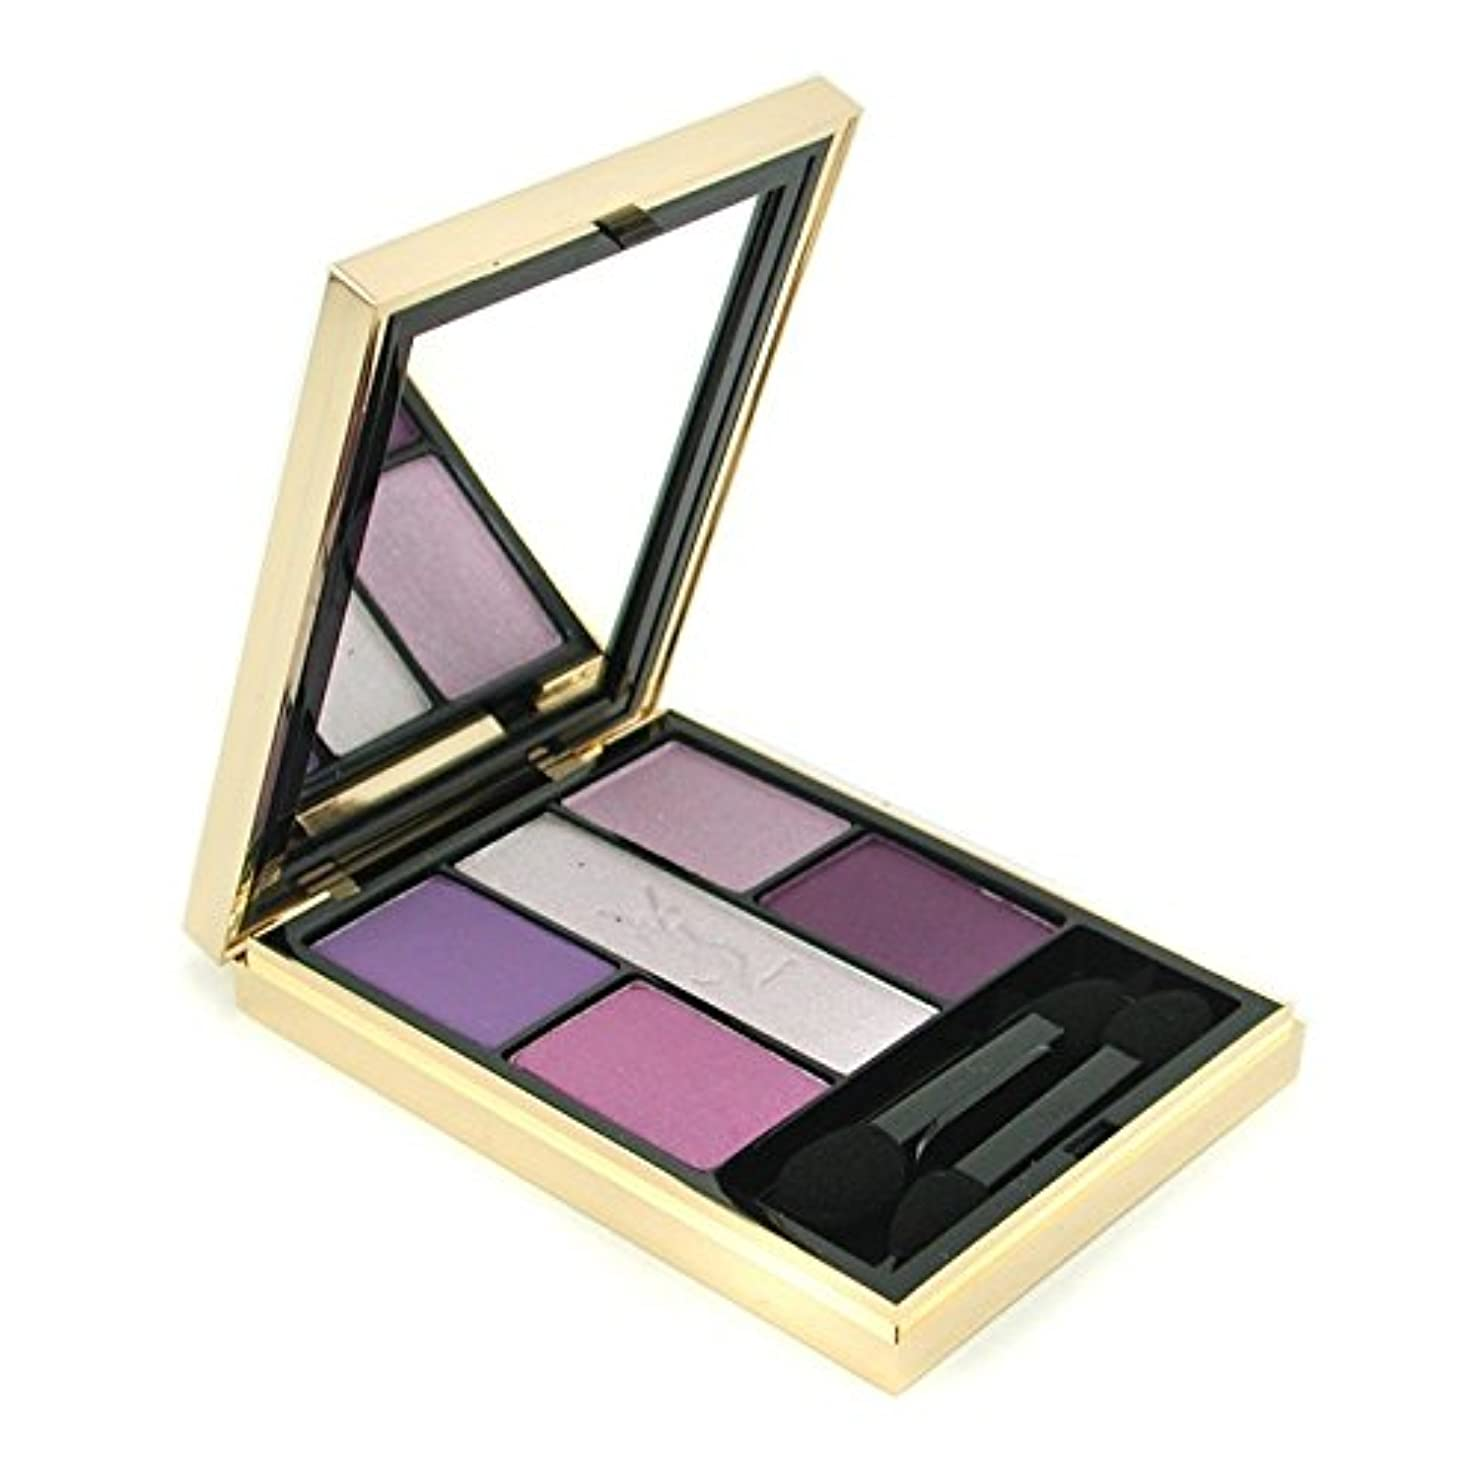 イヴサンローラン オンブル サンク ルミエール - No. 04 Lilac Sky 8.5g/0.29oz並行輸入品